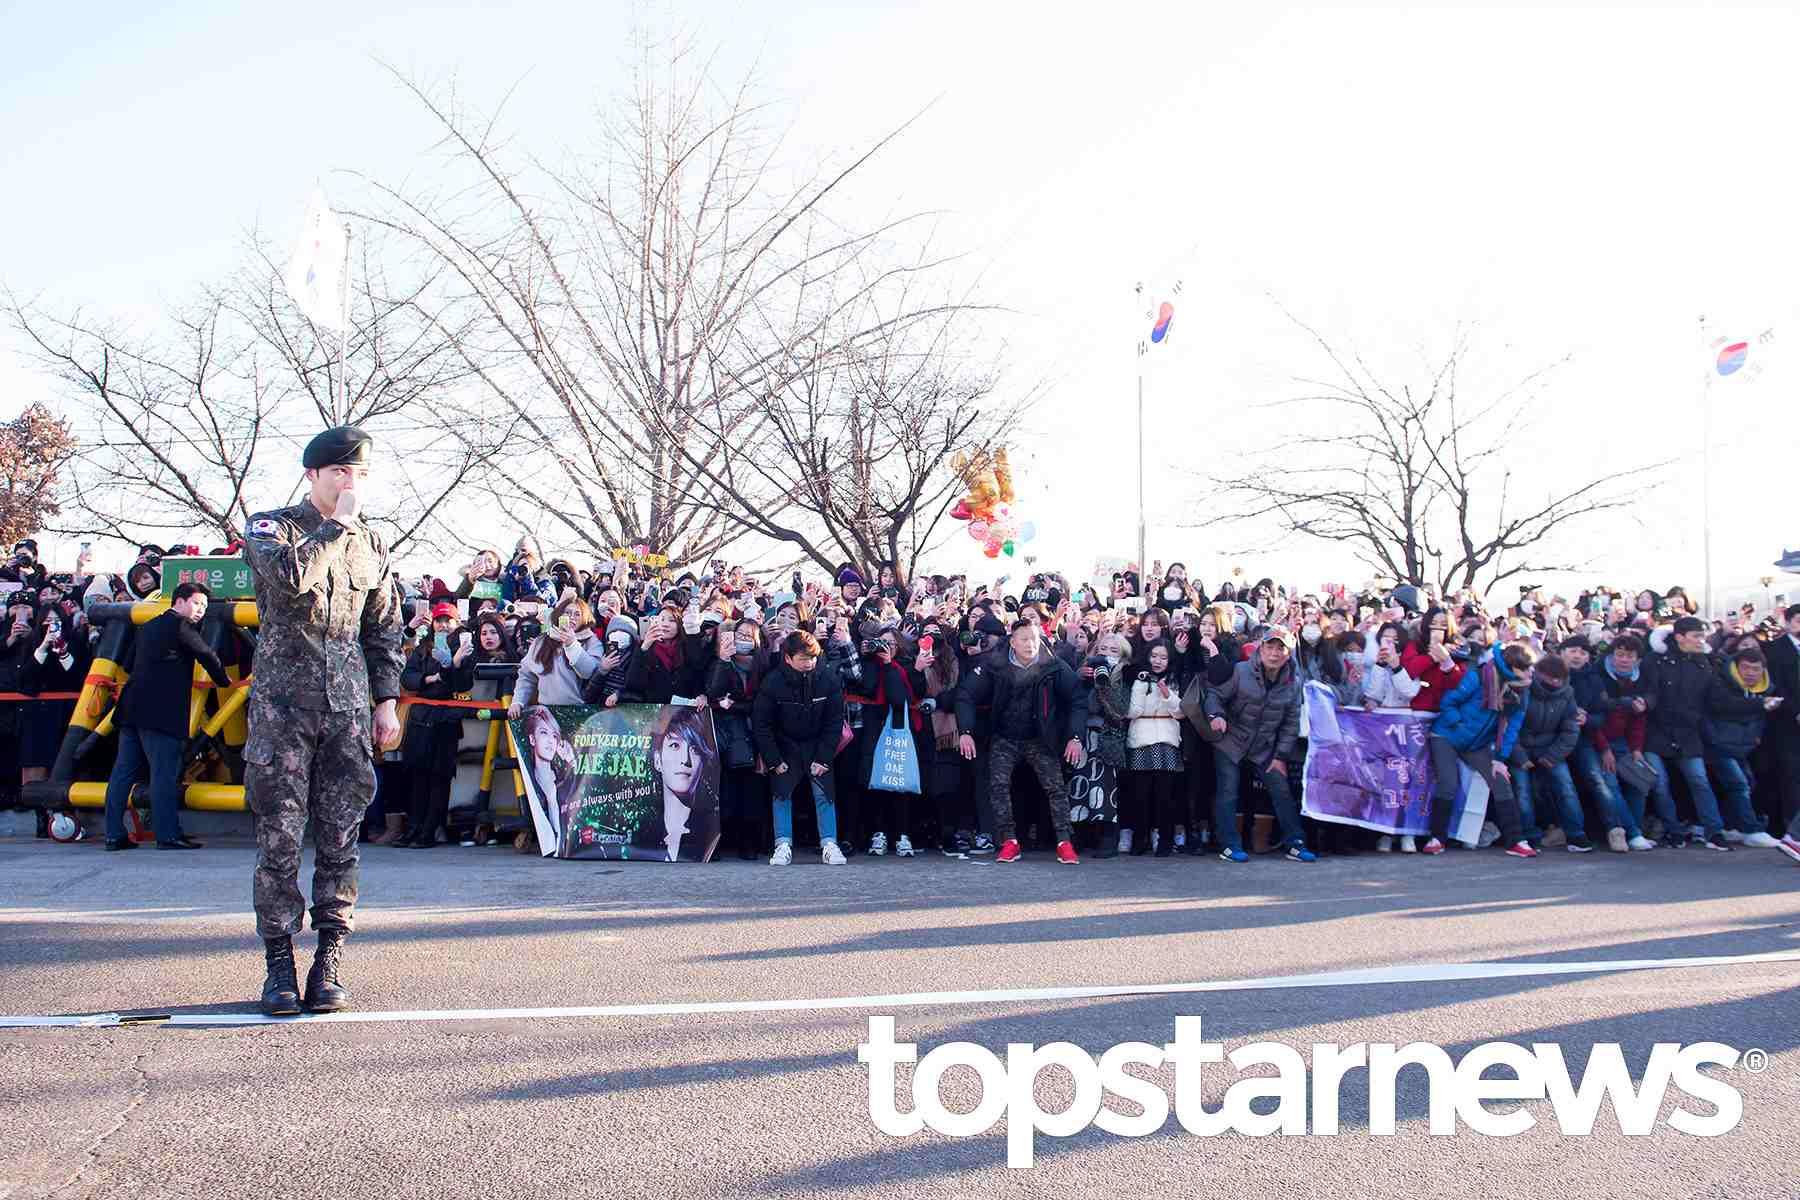 為了迎接退伍的在中,現場約來了500位粉絲,而晟敏步出兵營的時候,也有數十位的粉絲在場迎接,場面十分熱鬧!